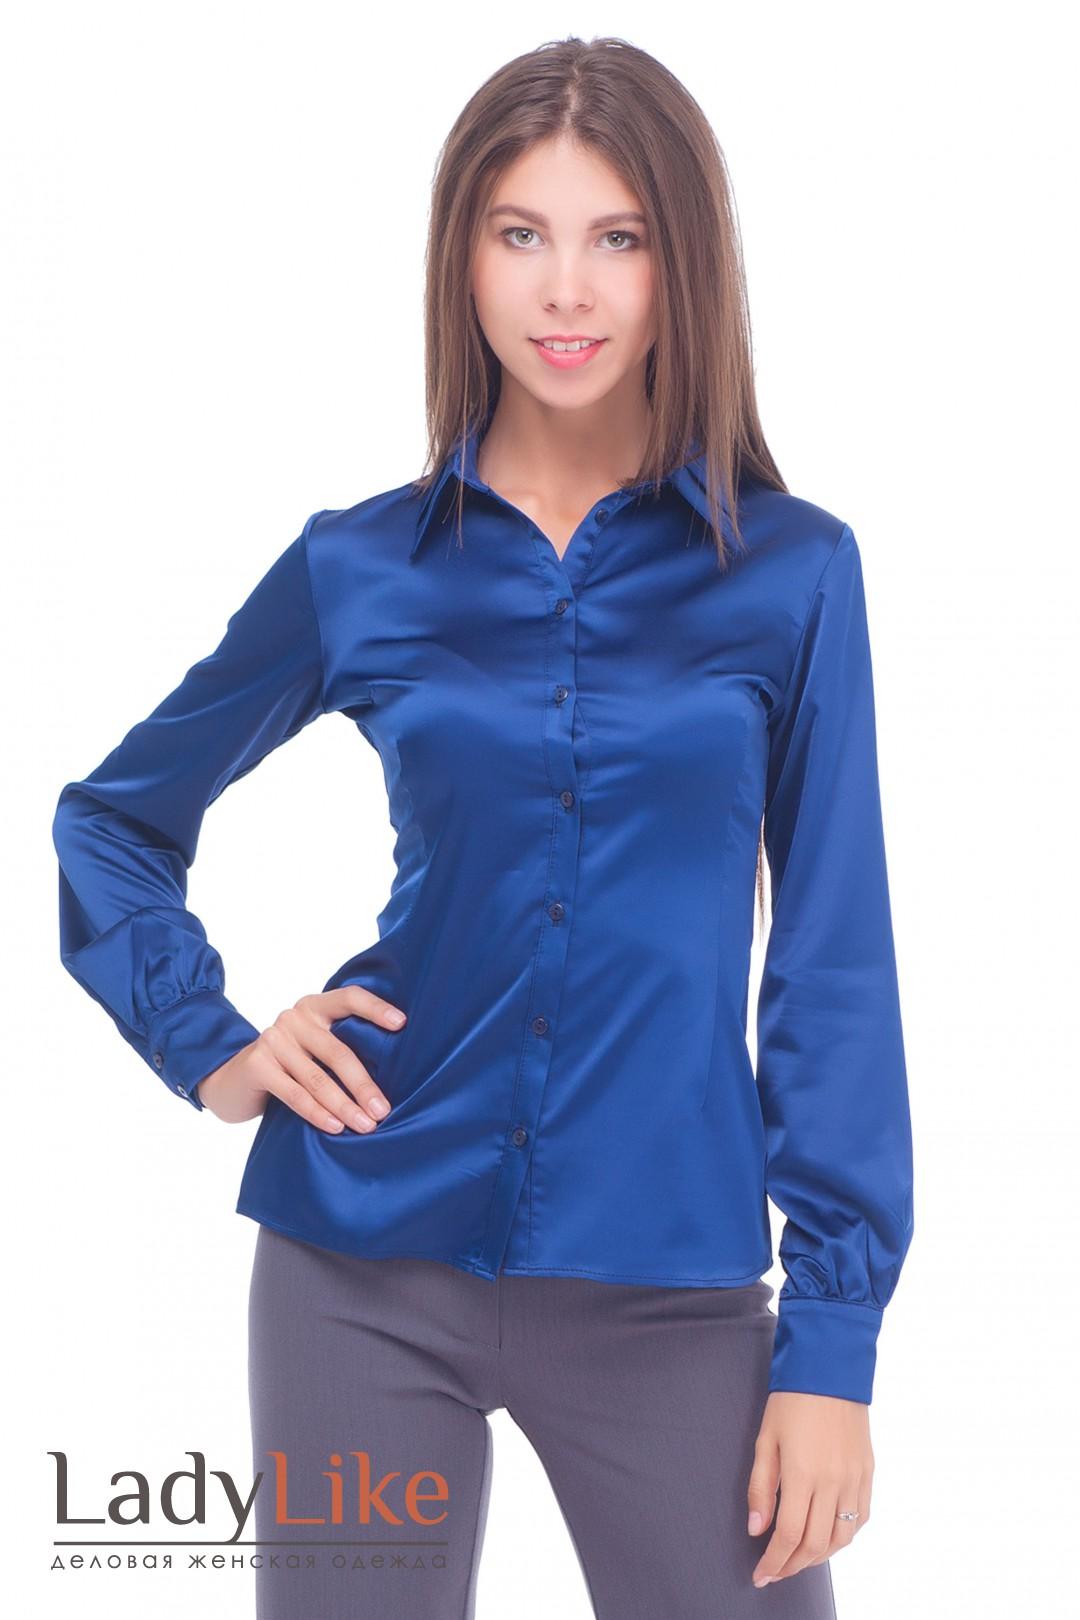 Купить Женские Рубашки Блузки Доставка